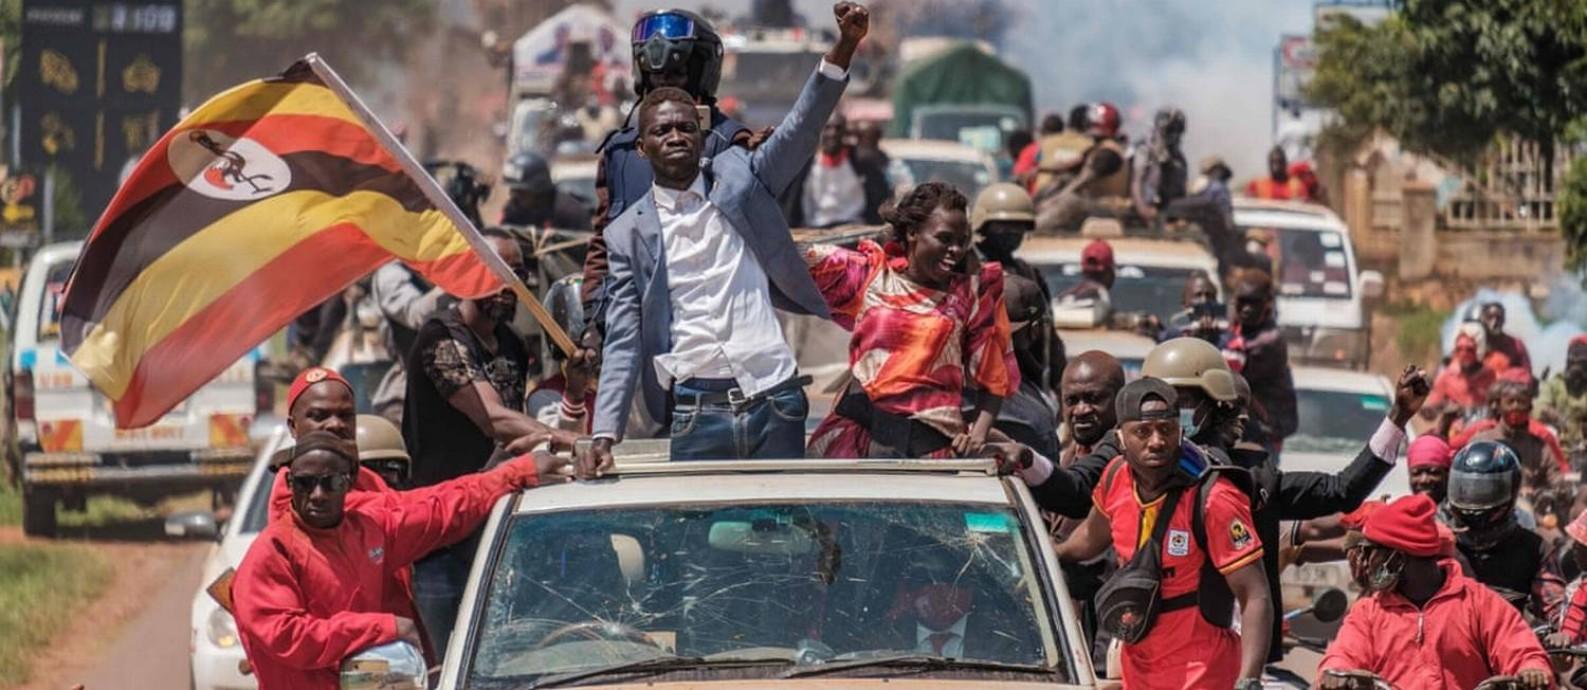 O ex-cantor e deputado Bobi Wine em campanha em Uganda. Candidato tenta derrotar o atual presidente Yoweri Museveni, há 35 anos no poder Foto: Sumy Sadurni / AFP